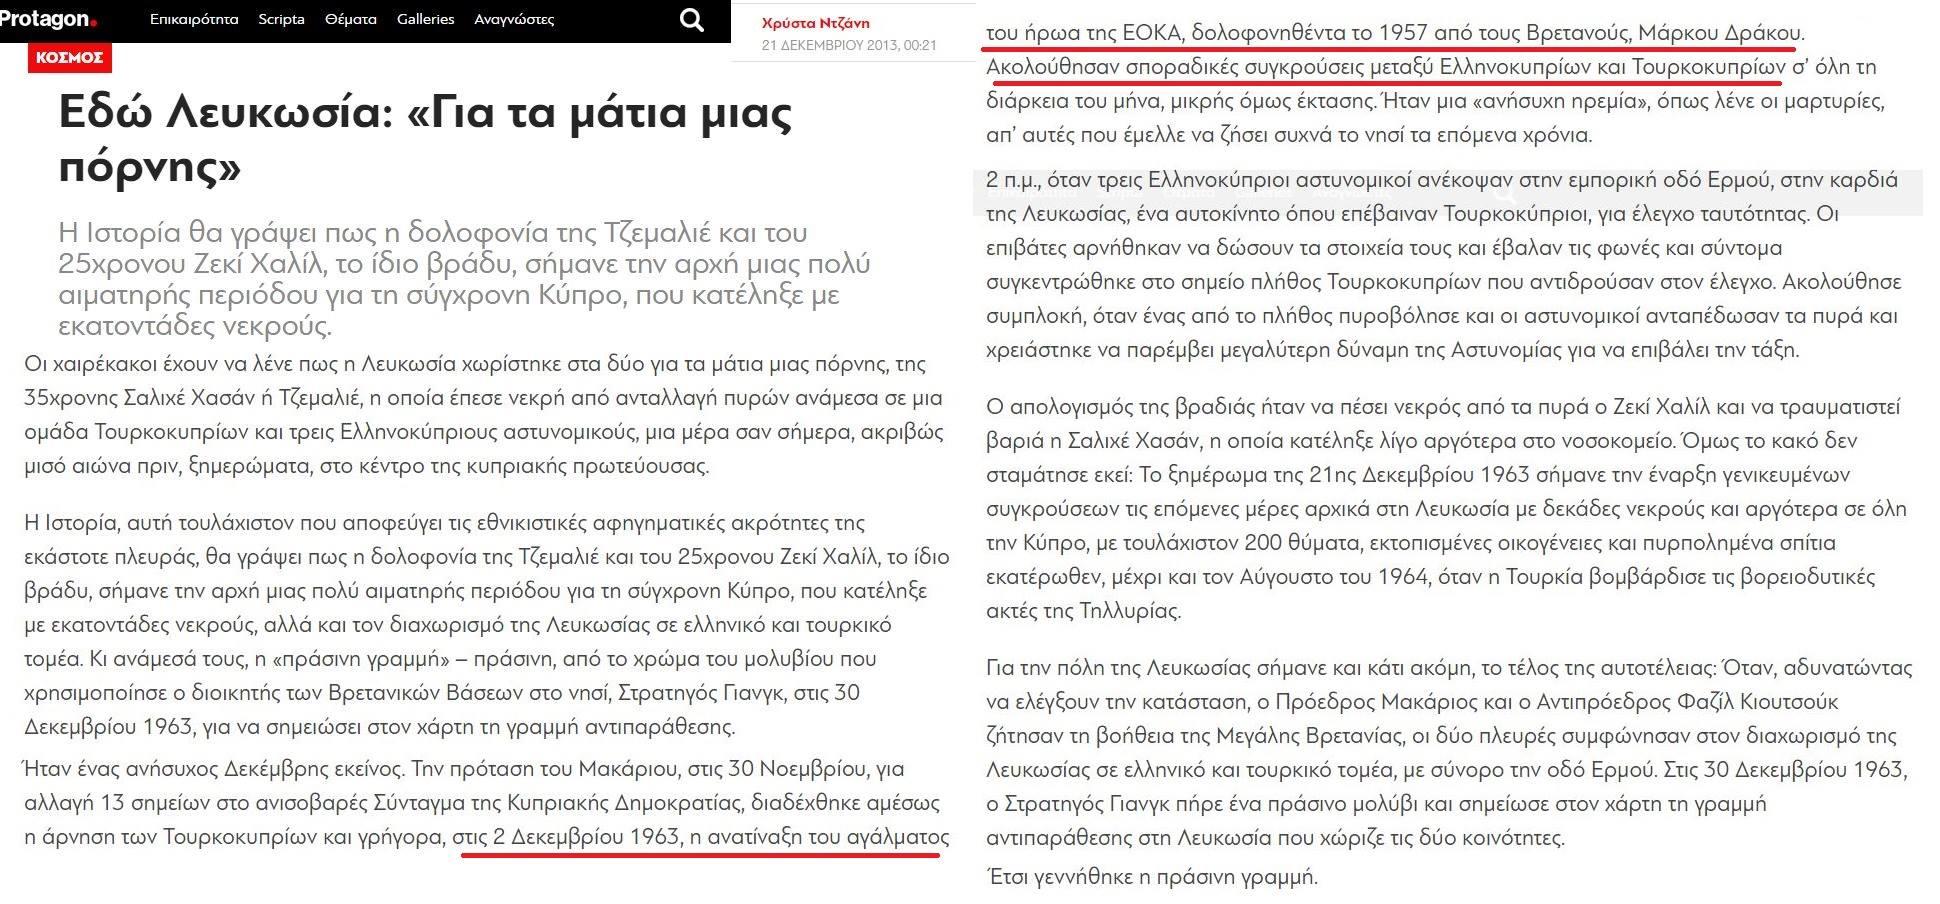 Δημοσιογραφικός ...«ἐθνικιστικός παροξυσμός»;13